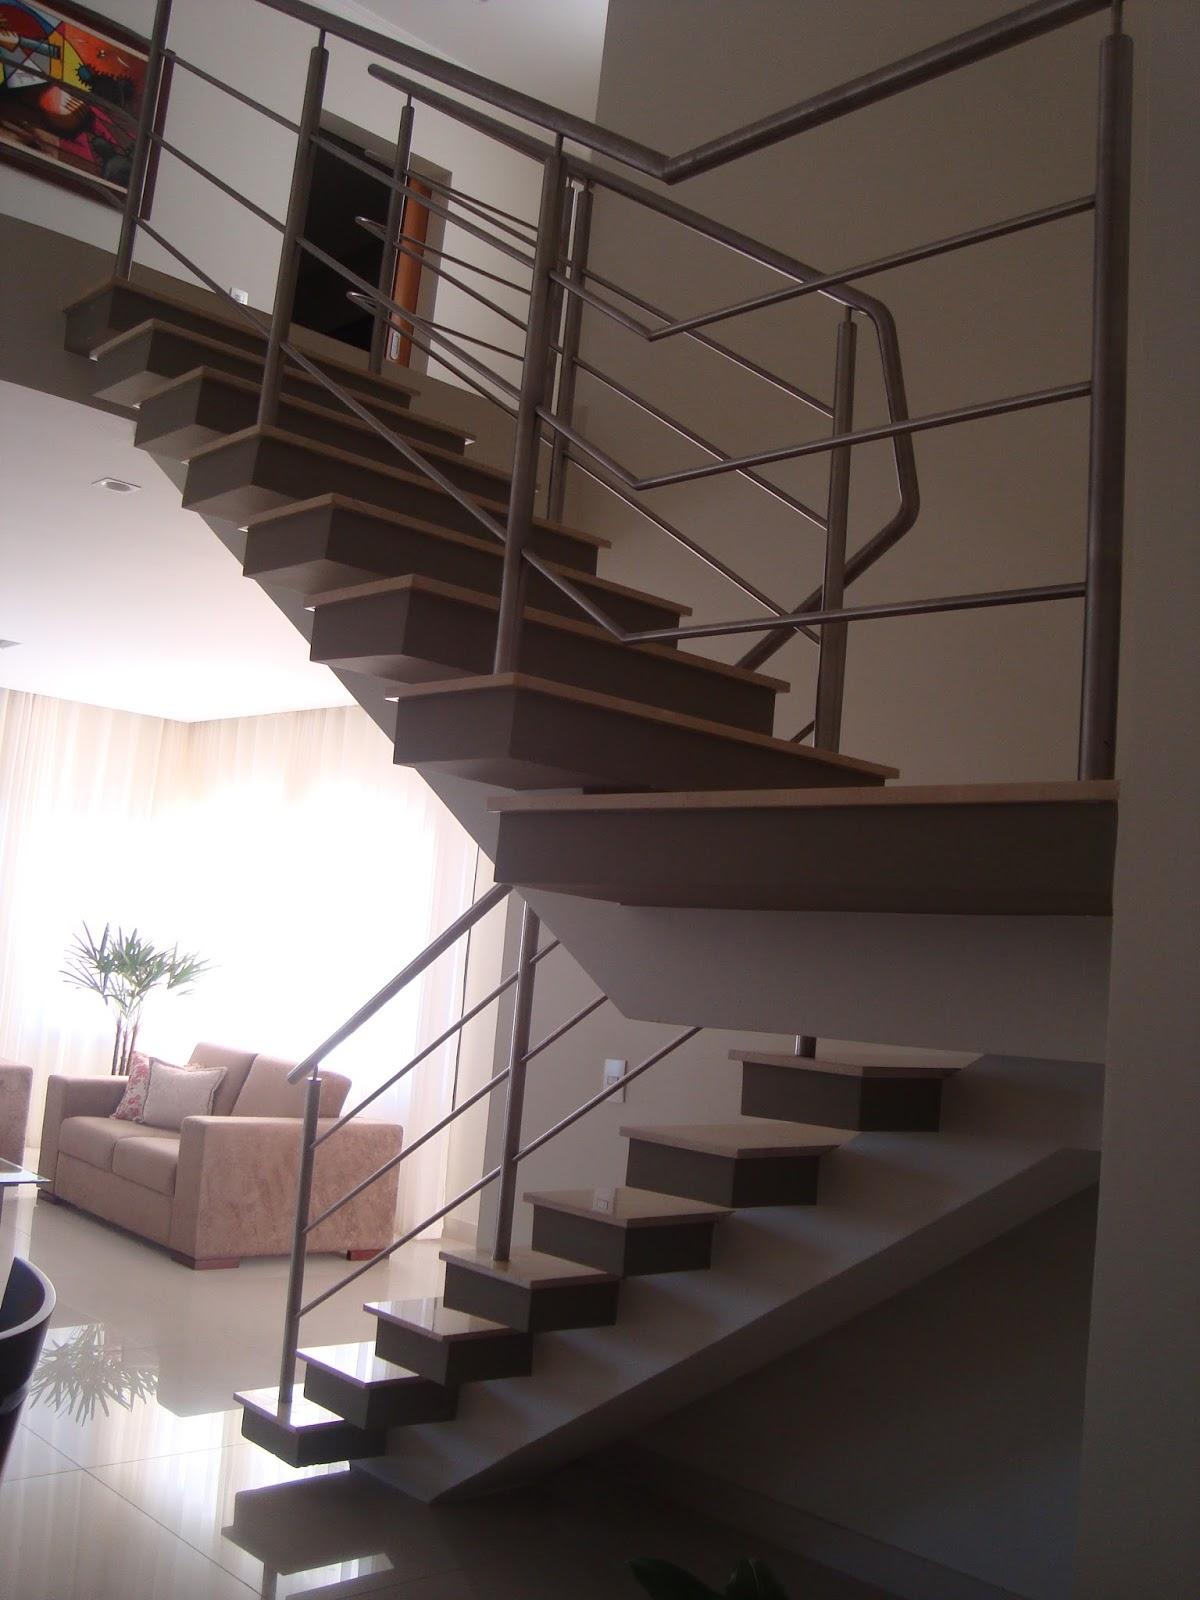 Escada apoiada em viga central com degraus vazados. Corrimão em aço  #795252 1200x1600 Banheiro Bege Bahia